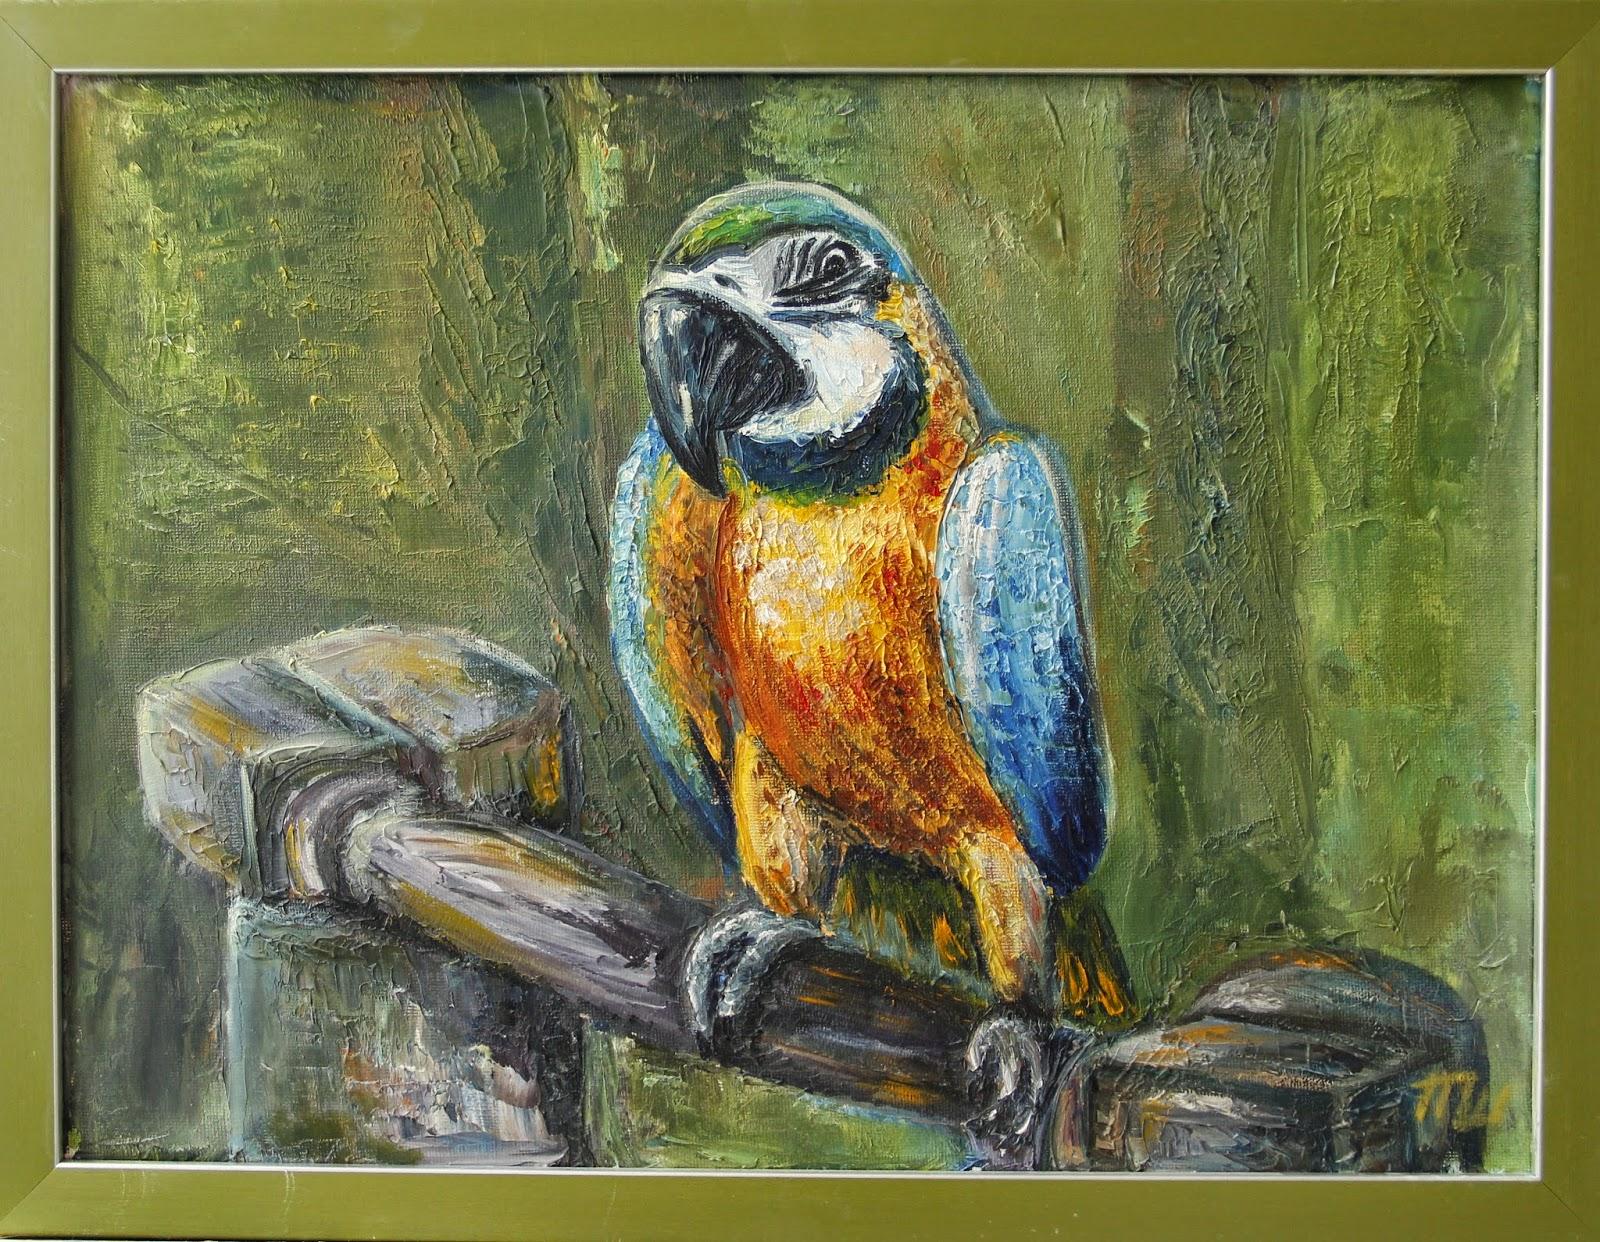 картина холст масло попугай желтый с синим